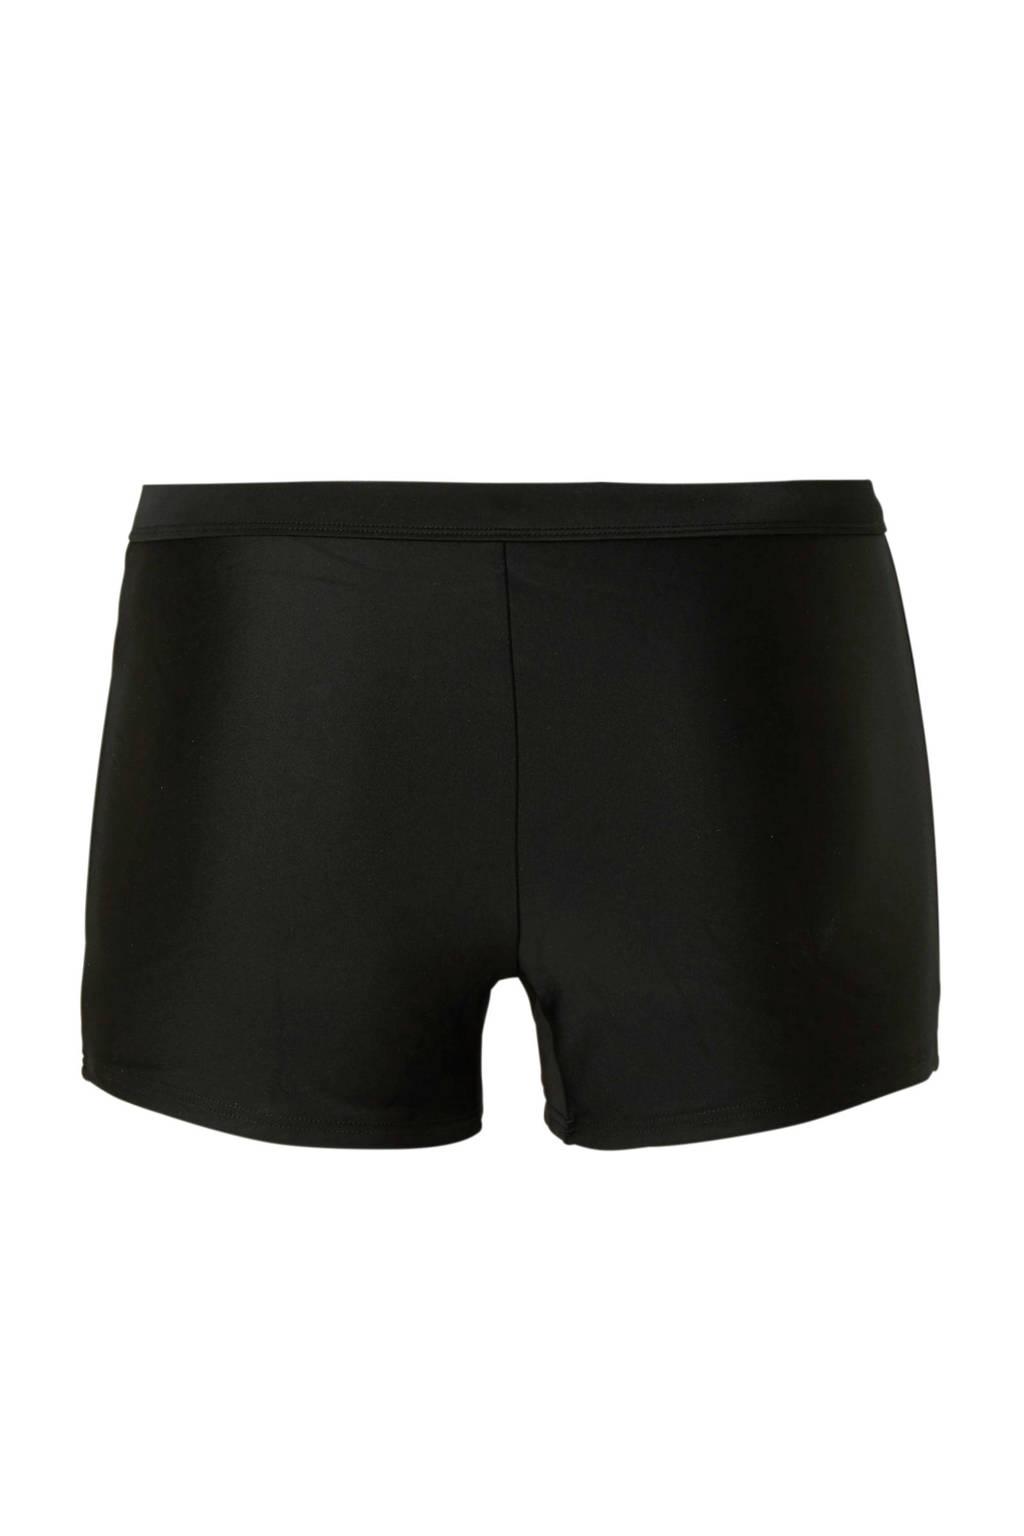 whkmp's beachwave hipster bikinibroekje zwart, Zwart